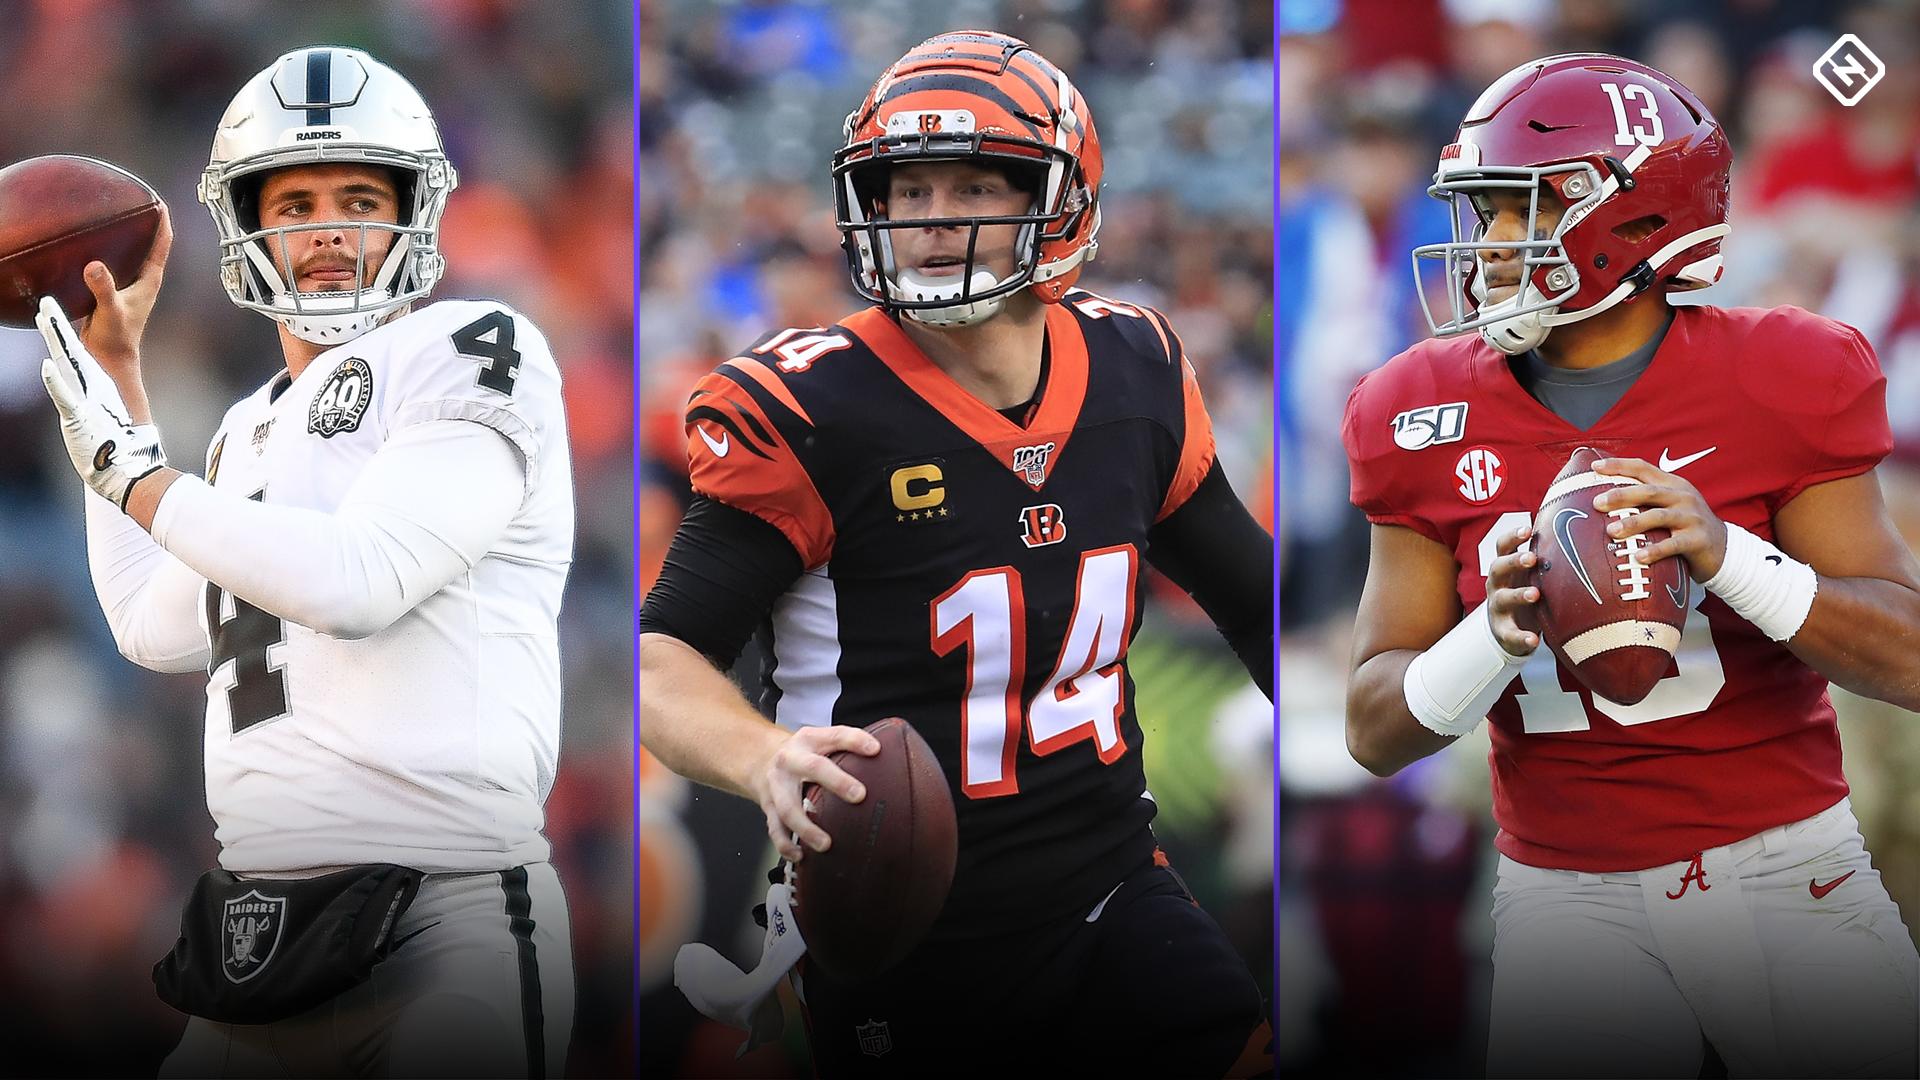 ¿Quién será el próximo quarterback de los Patriots? Explorando los mejores reemplazos de Tom Brady de Nueva Inglaterra para 2020 31